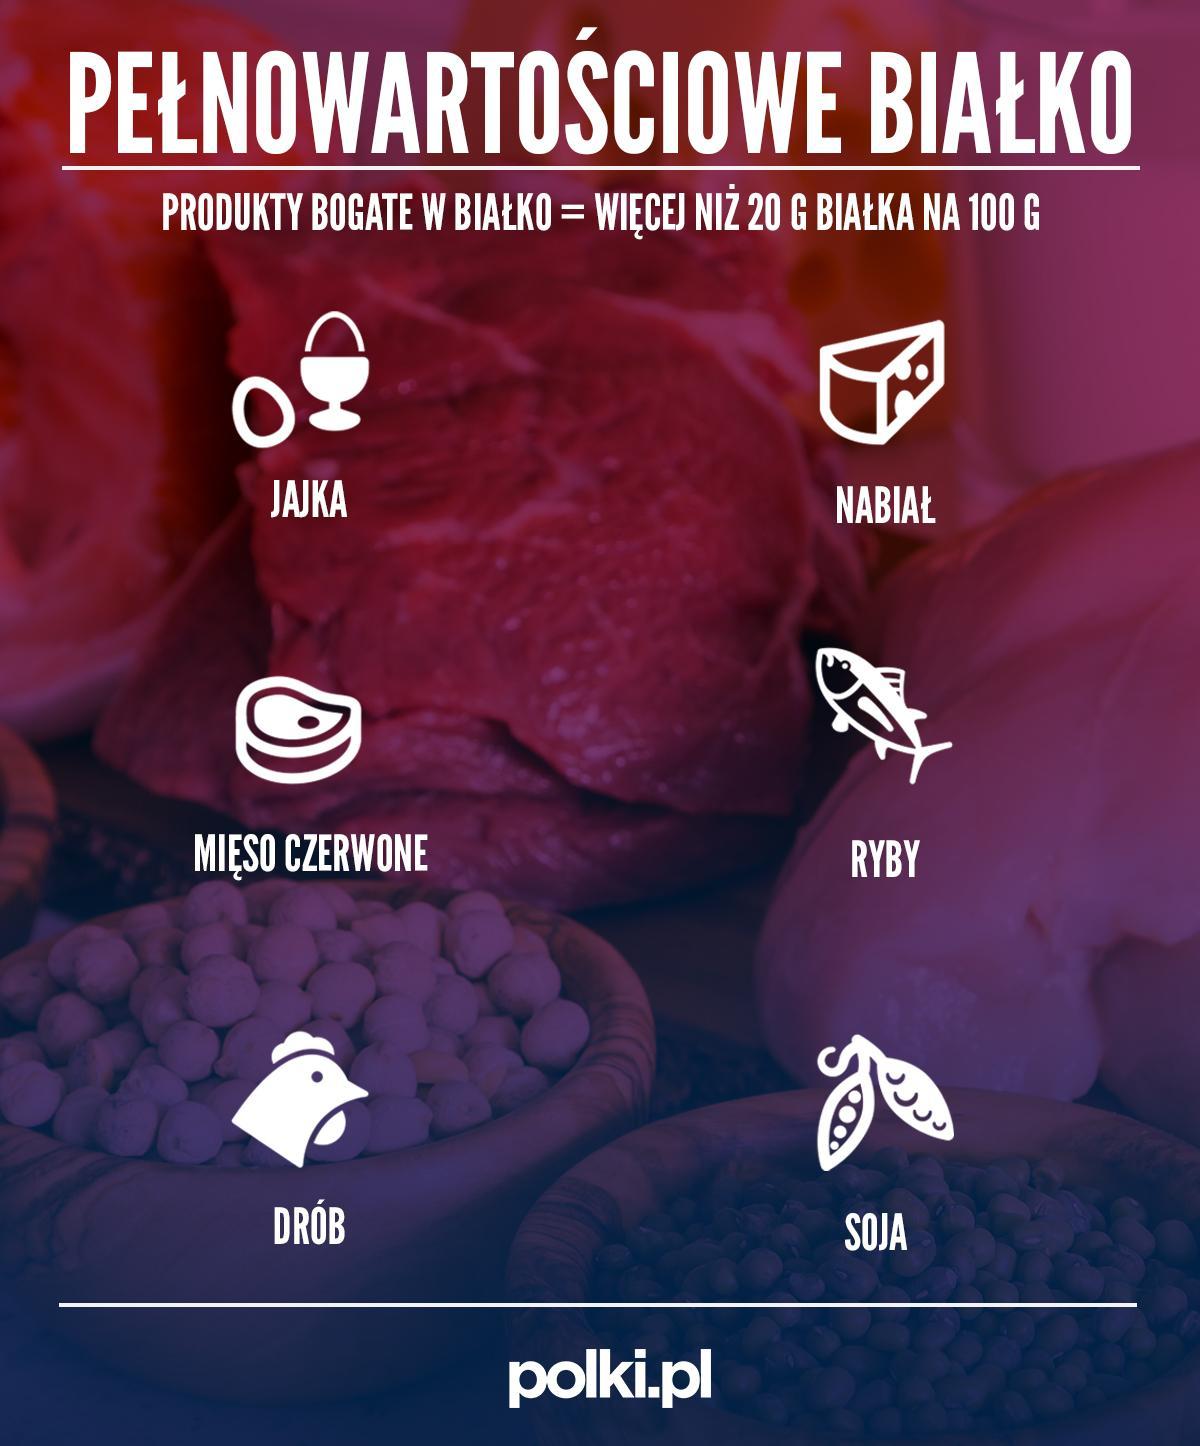 Pełnowartościowe białko